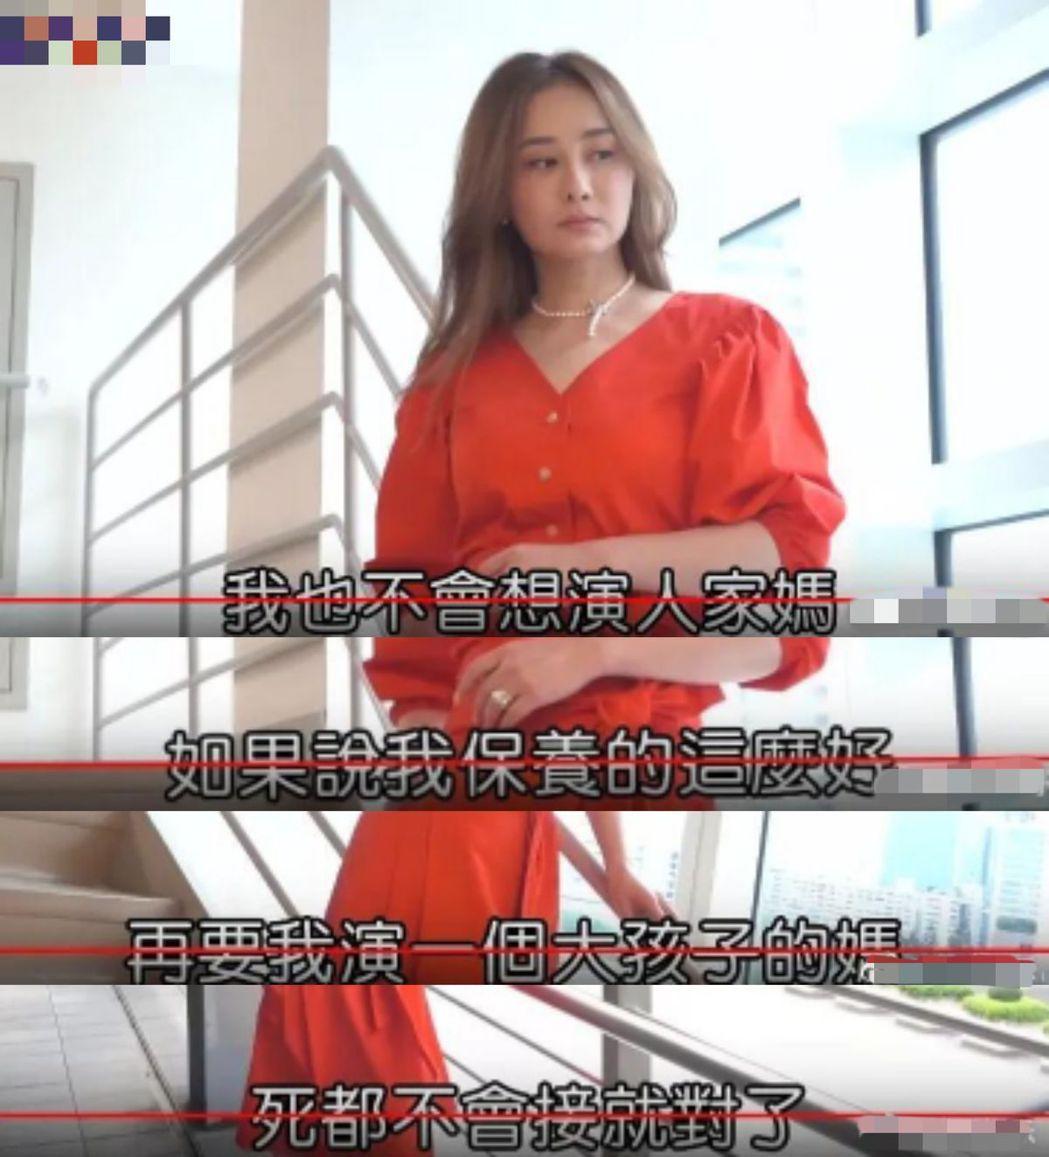 陳德容不願演媽的視頻遭網友截圖引發喧然大波。圖/摘自網路